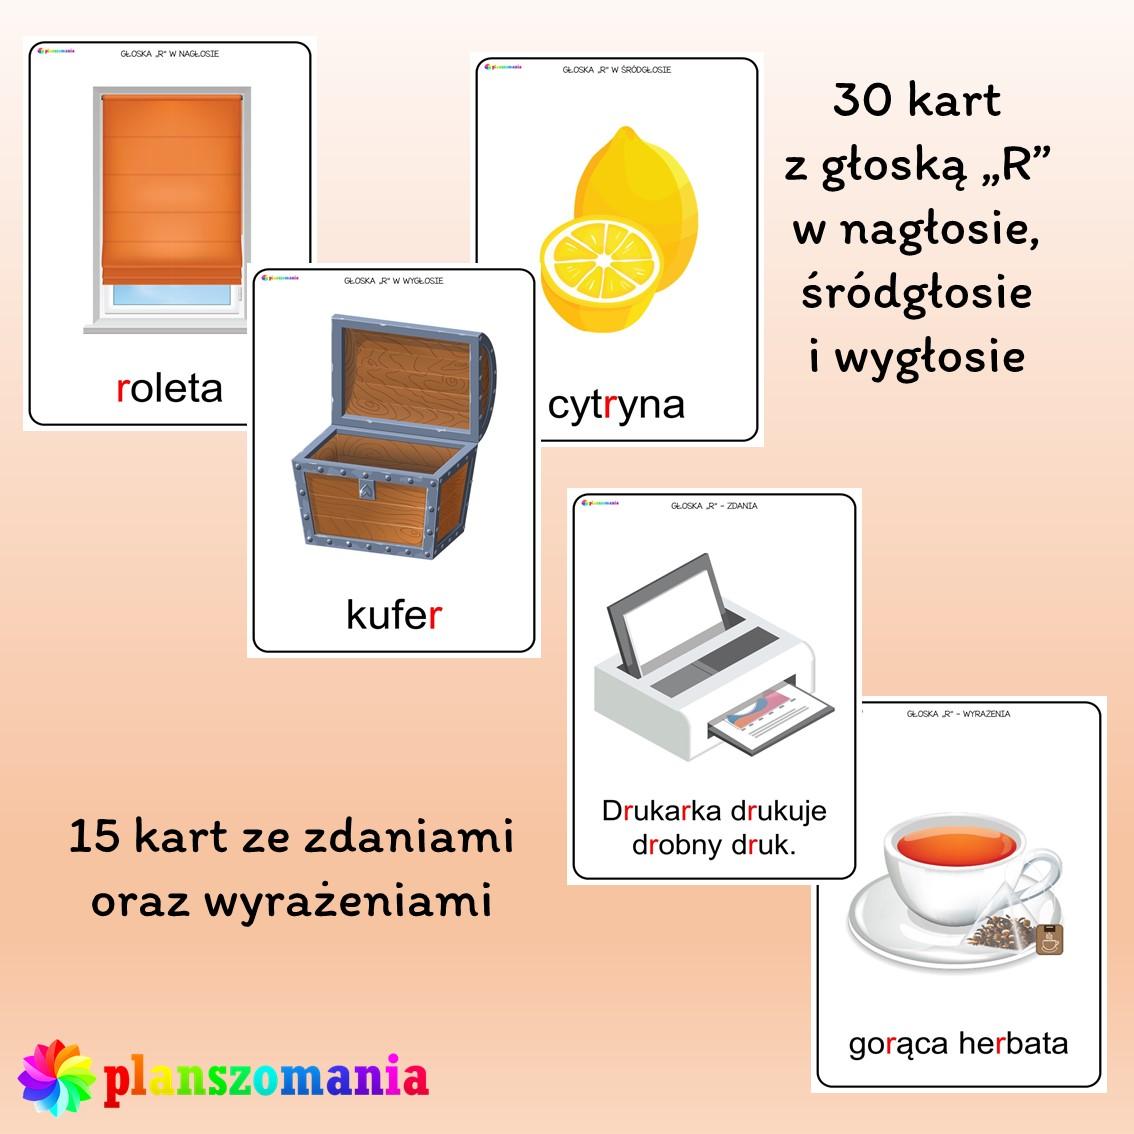 materiał oprazkowy do ćwiczeń artykulacyjnych prawidłowe wypowiadanie głoski r logopedia ćwiczenia usprawniające narządy mowy głoska planszomania